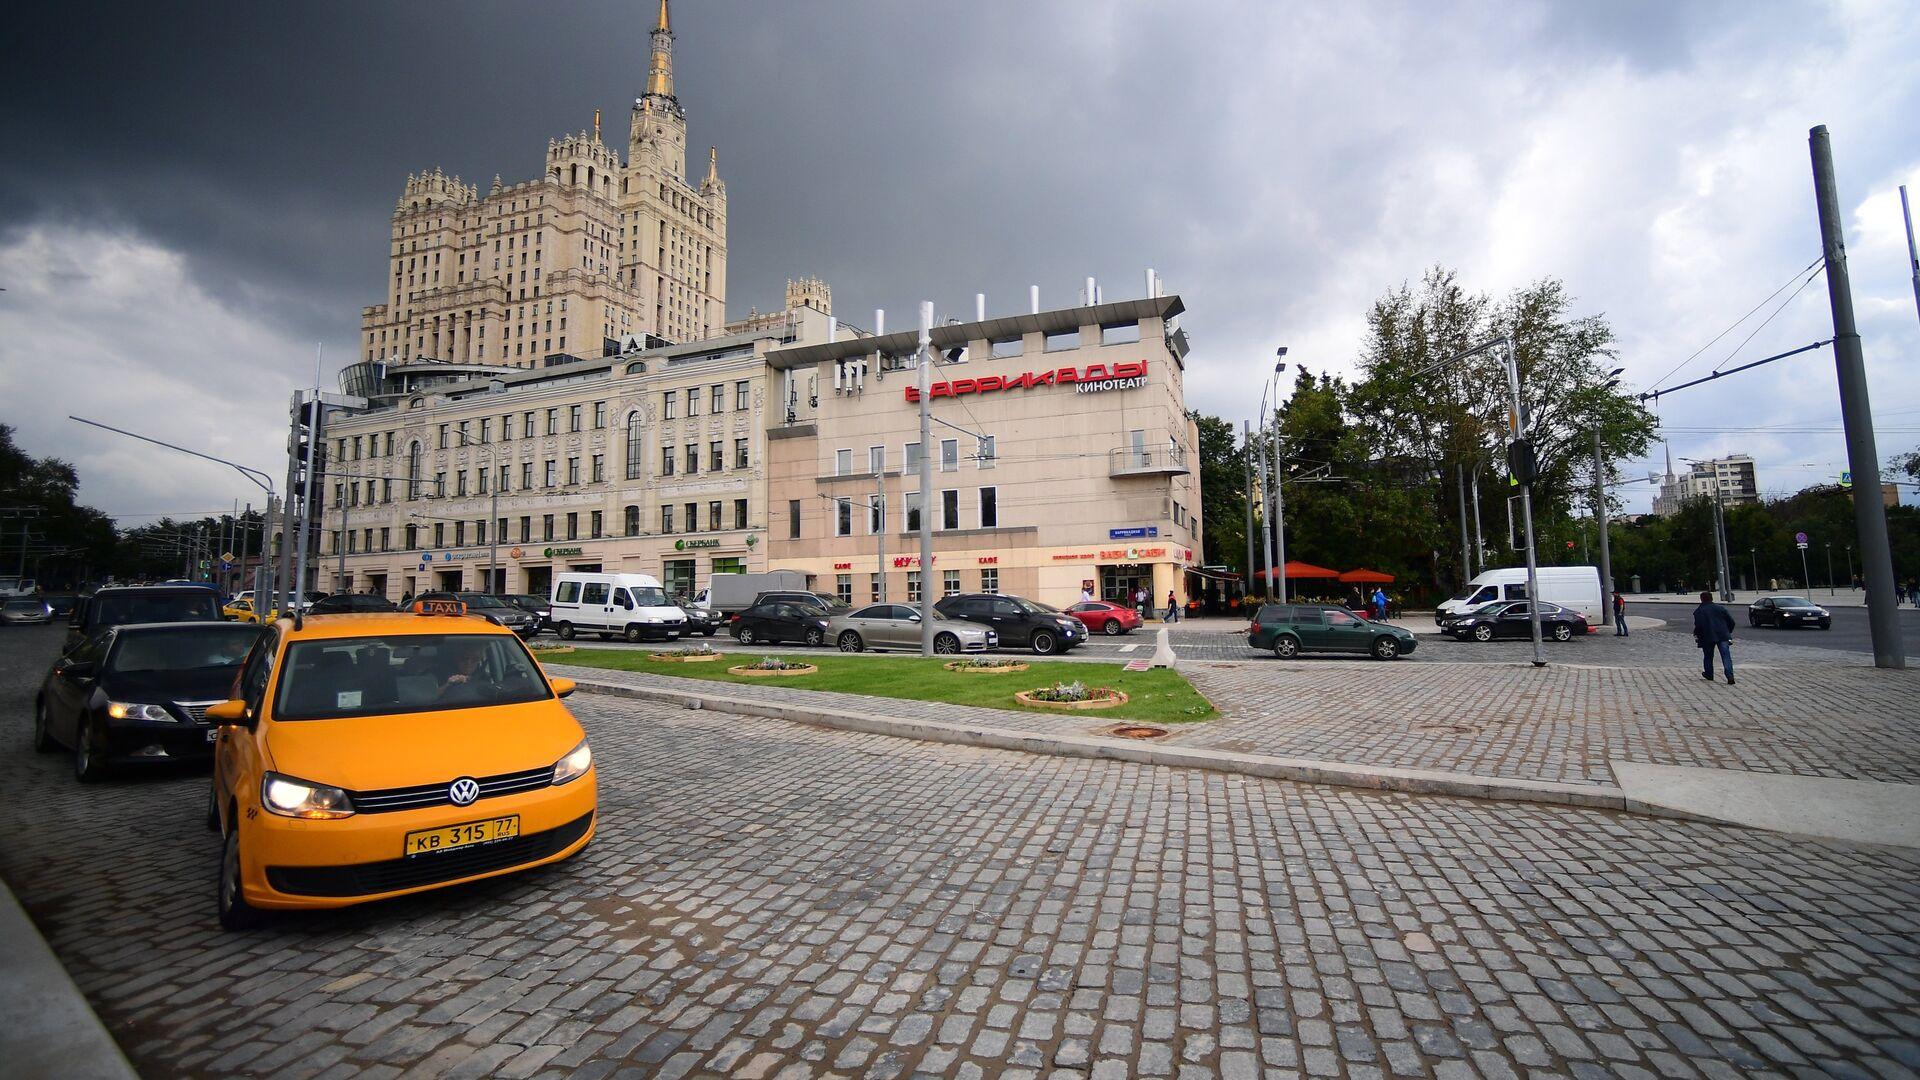 Реконструированные улицы в Москве - РИА Новости, 1920, 04.08.2020